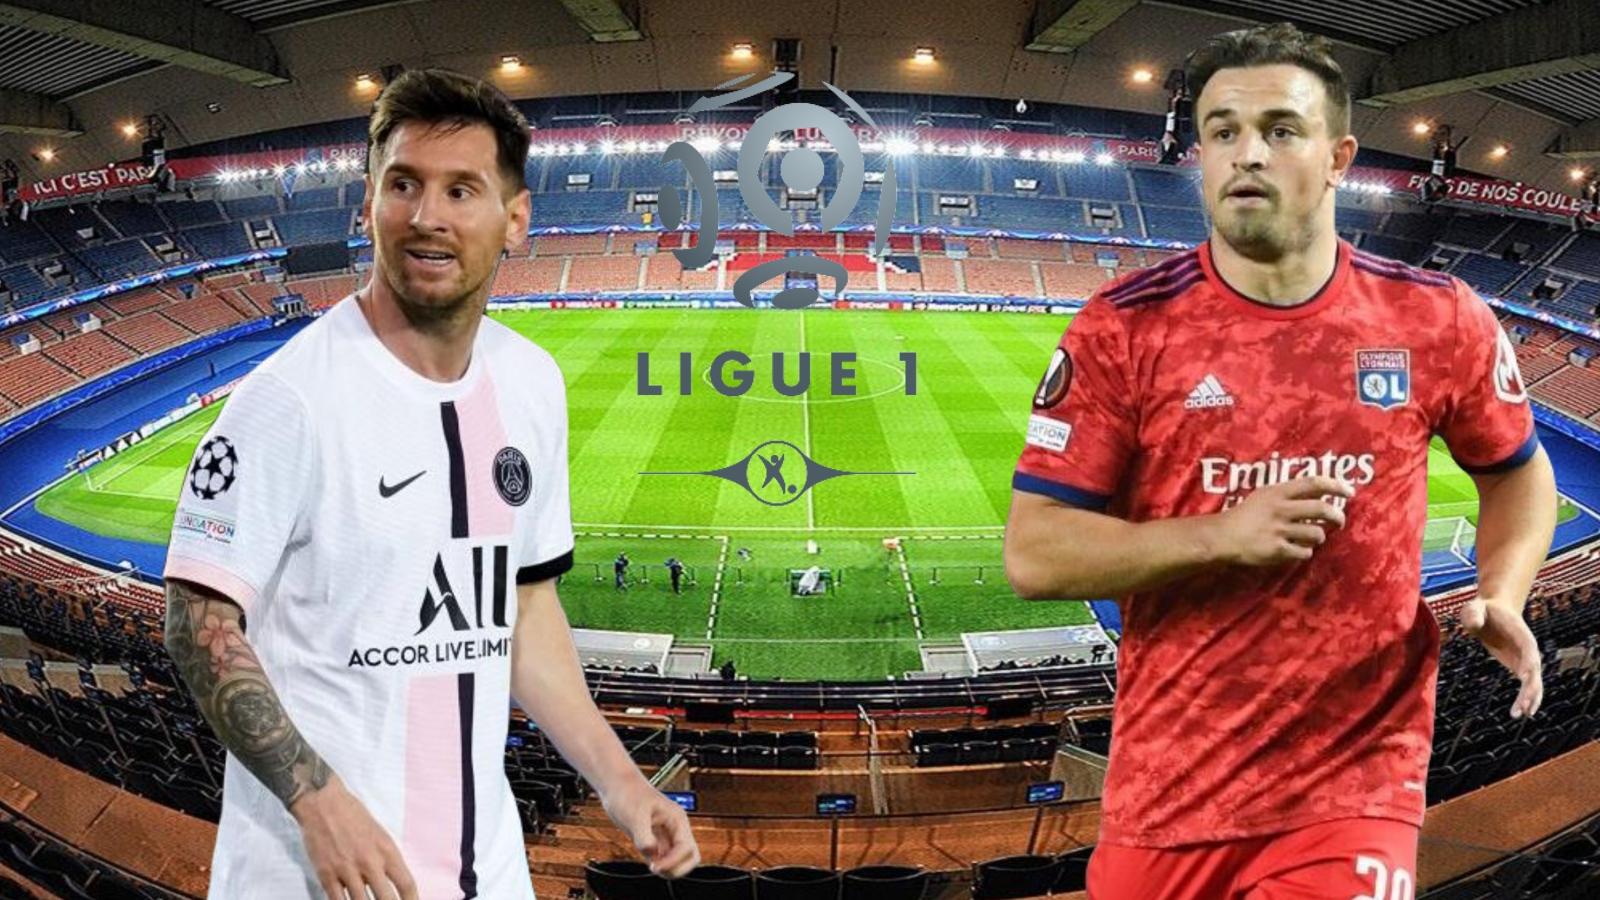 PSG - Lyon: Messi đá trận đầu tiên trên sân nhà trong màu áo mới?